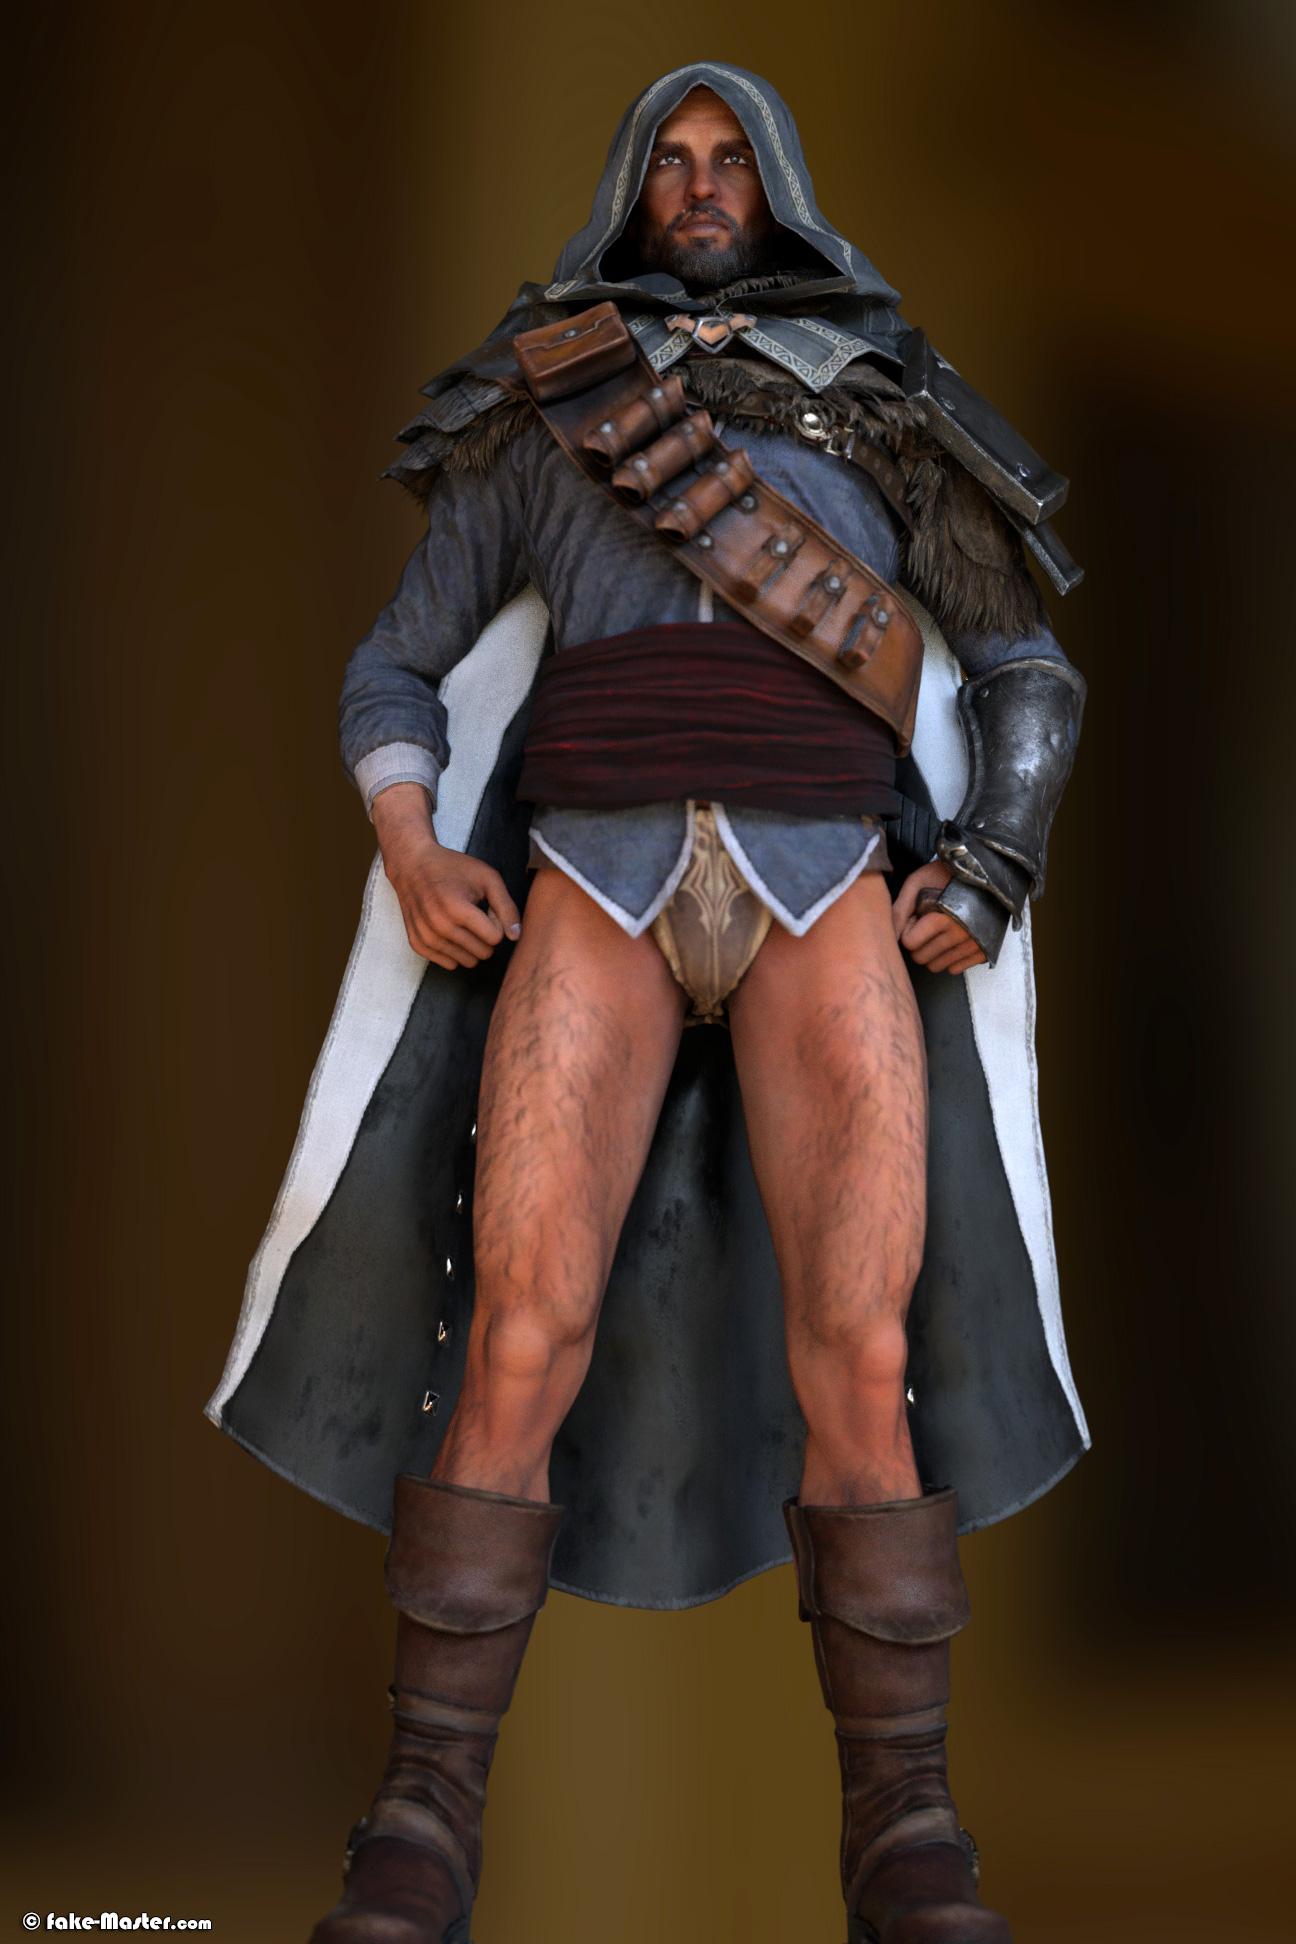 Ezio Auditore - Assassin's Creed créé par Fake-Master